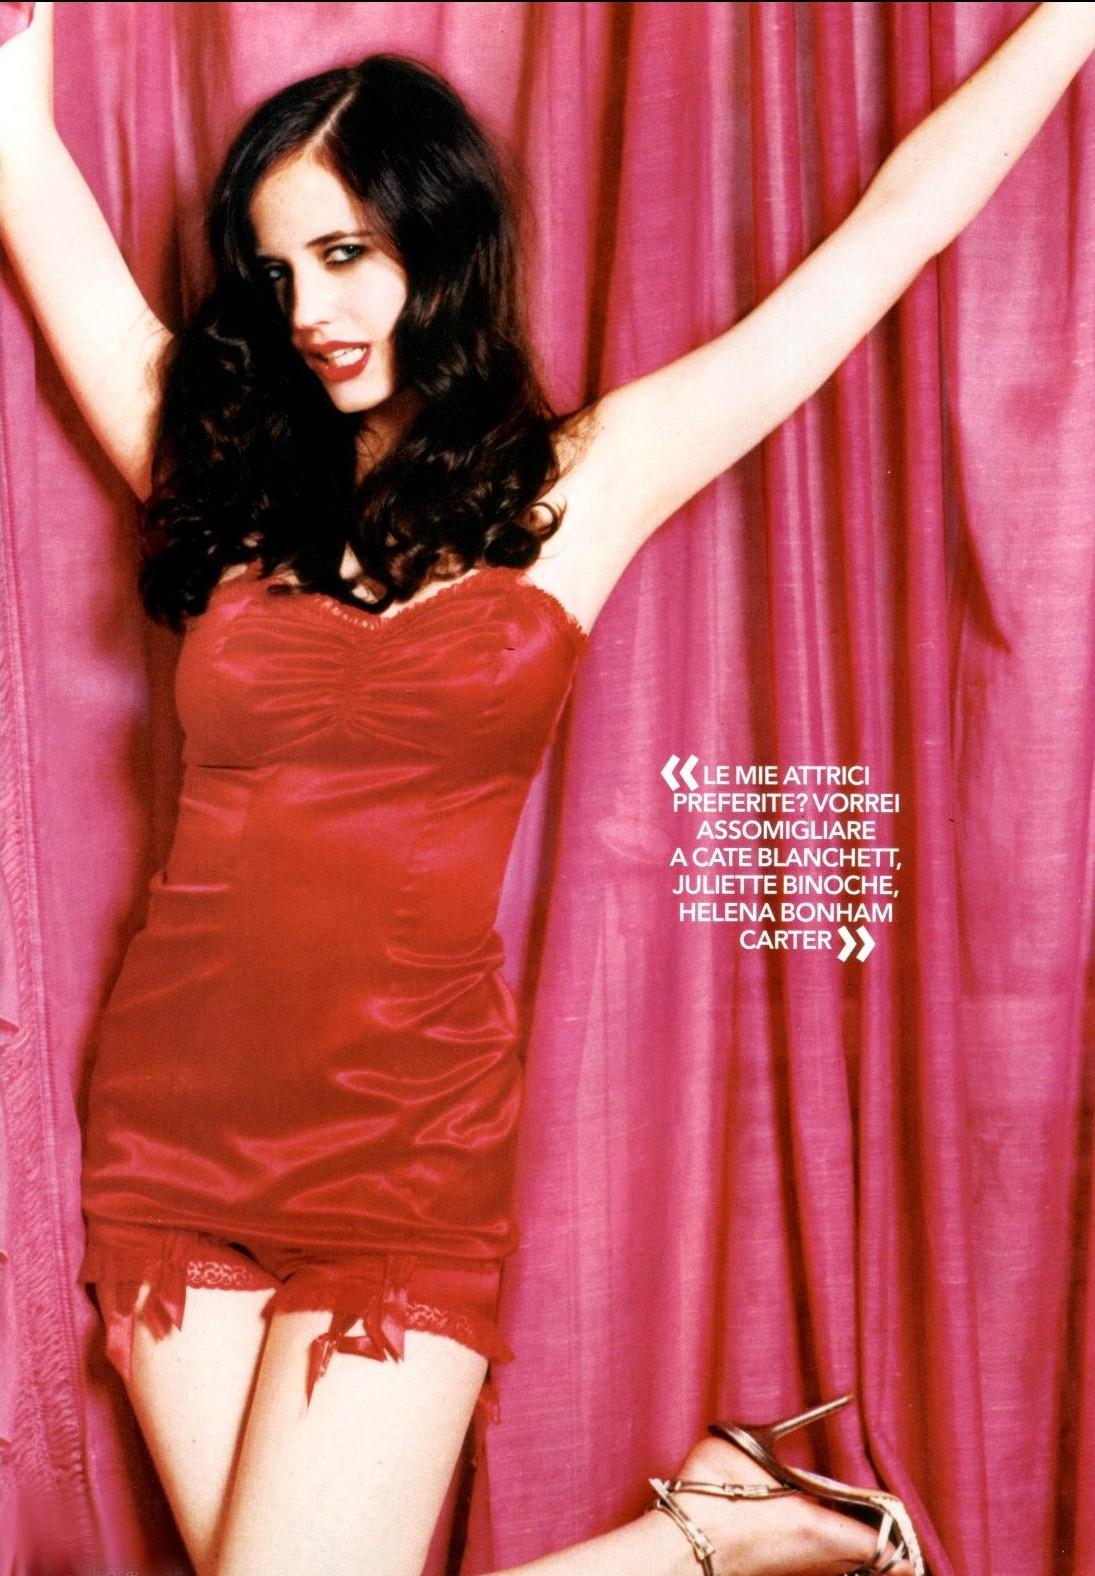 http://3.bp.blogspot.com/_2Ks_Im1Ni8c/TDulUlb_coI/AAAAAAAABq8/bAH4beCfzMc/s1600/Eva-Green-Hot-Pics.jpg